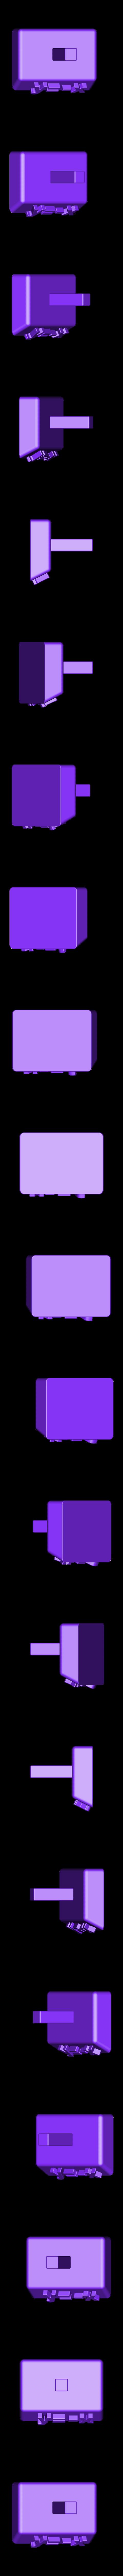 Function_Stickman_y-x_bottom.stl Télécharger fichier STL gratuit Dancing Function Stickmen • Plan pour impression 3D, Chrisibub